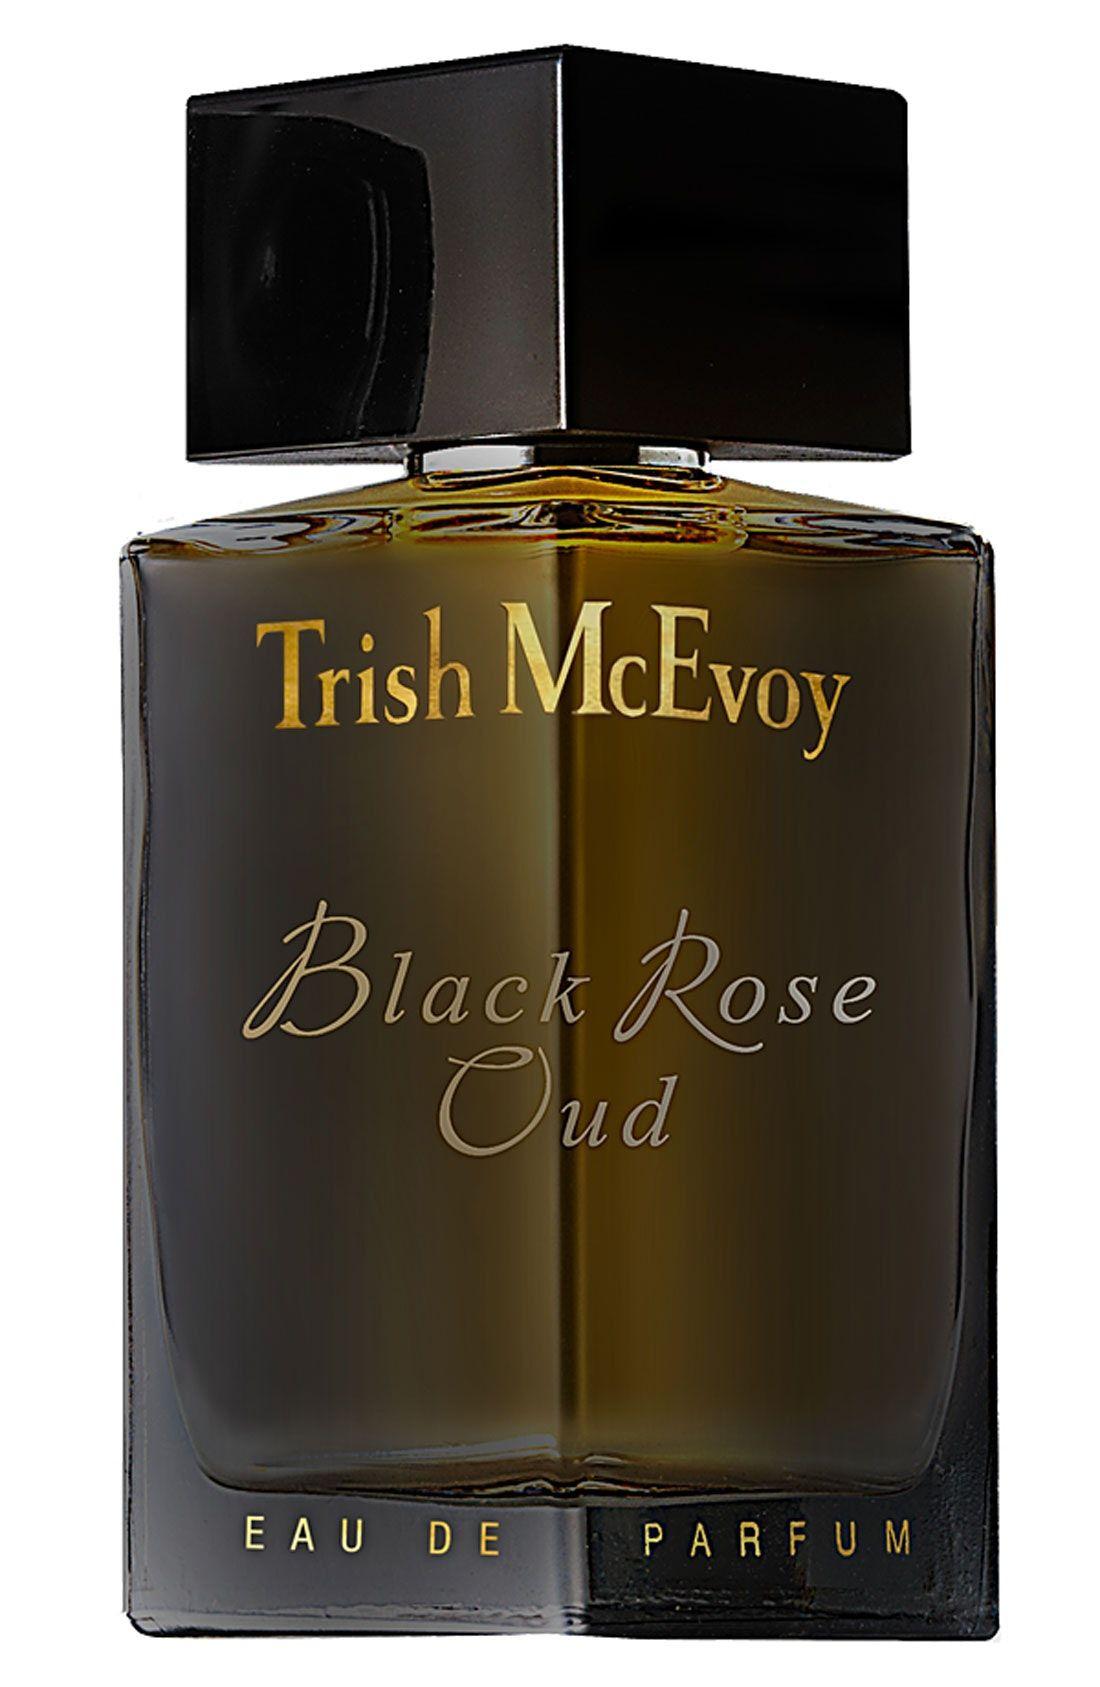 New Trish McEvoy 'Black Rose Oud' Eau de Parfum fashion